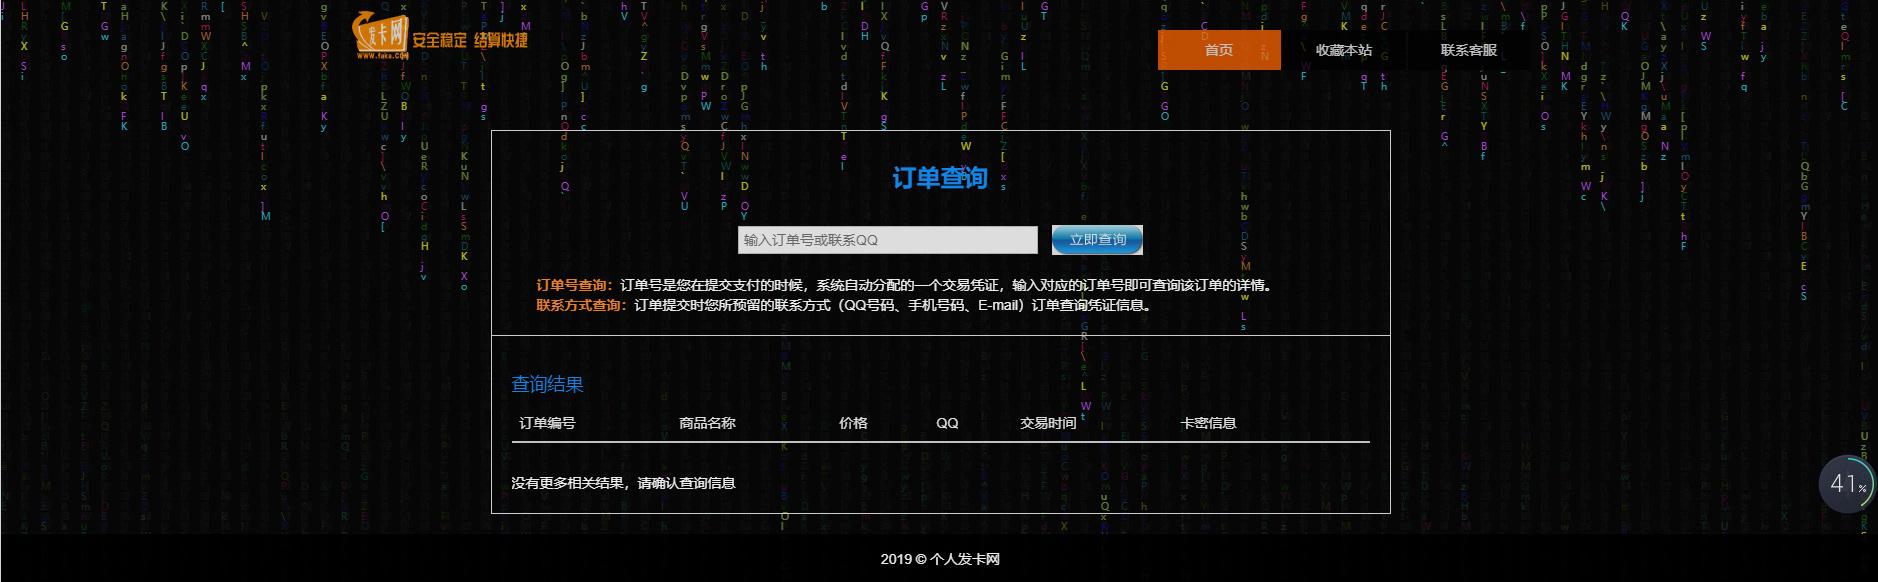 【个人发卡】最新修复版发卡网站源码带四套前端模板[带小白文字+视频搭建教程]-找主题源码